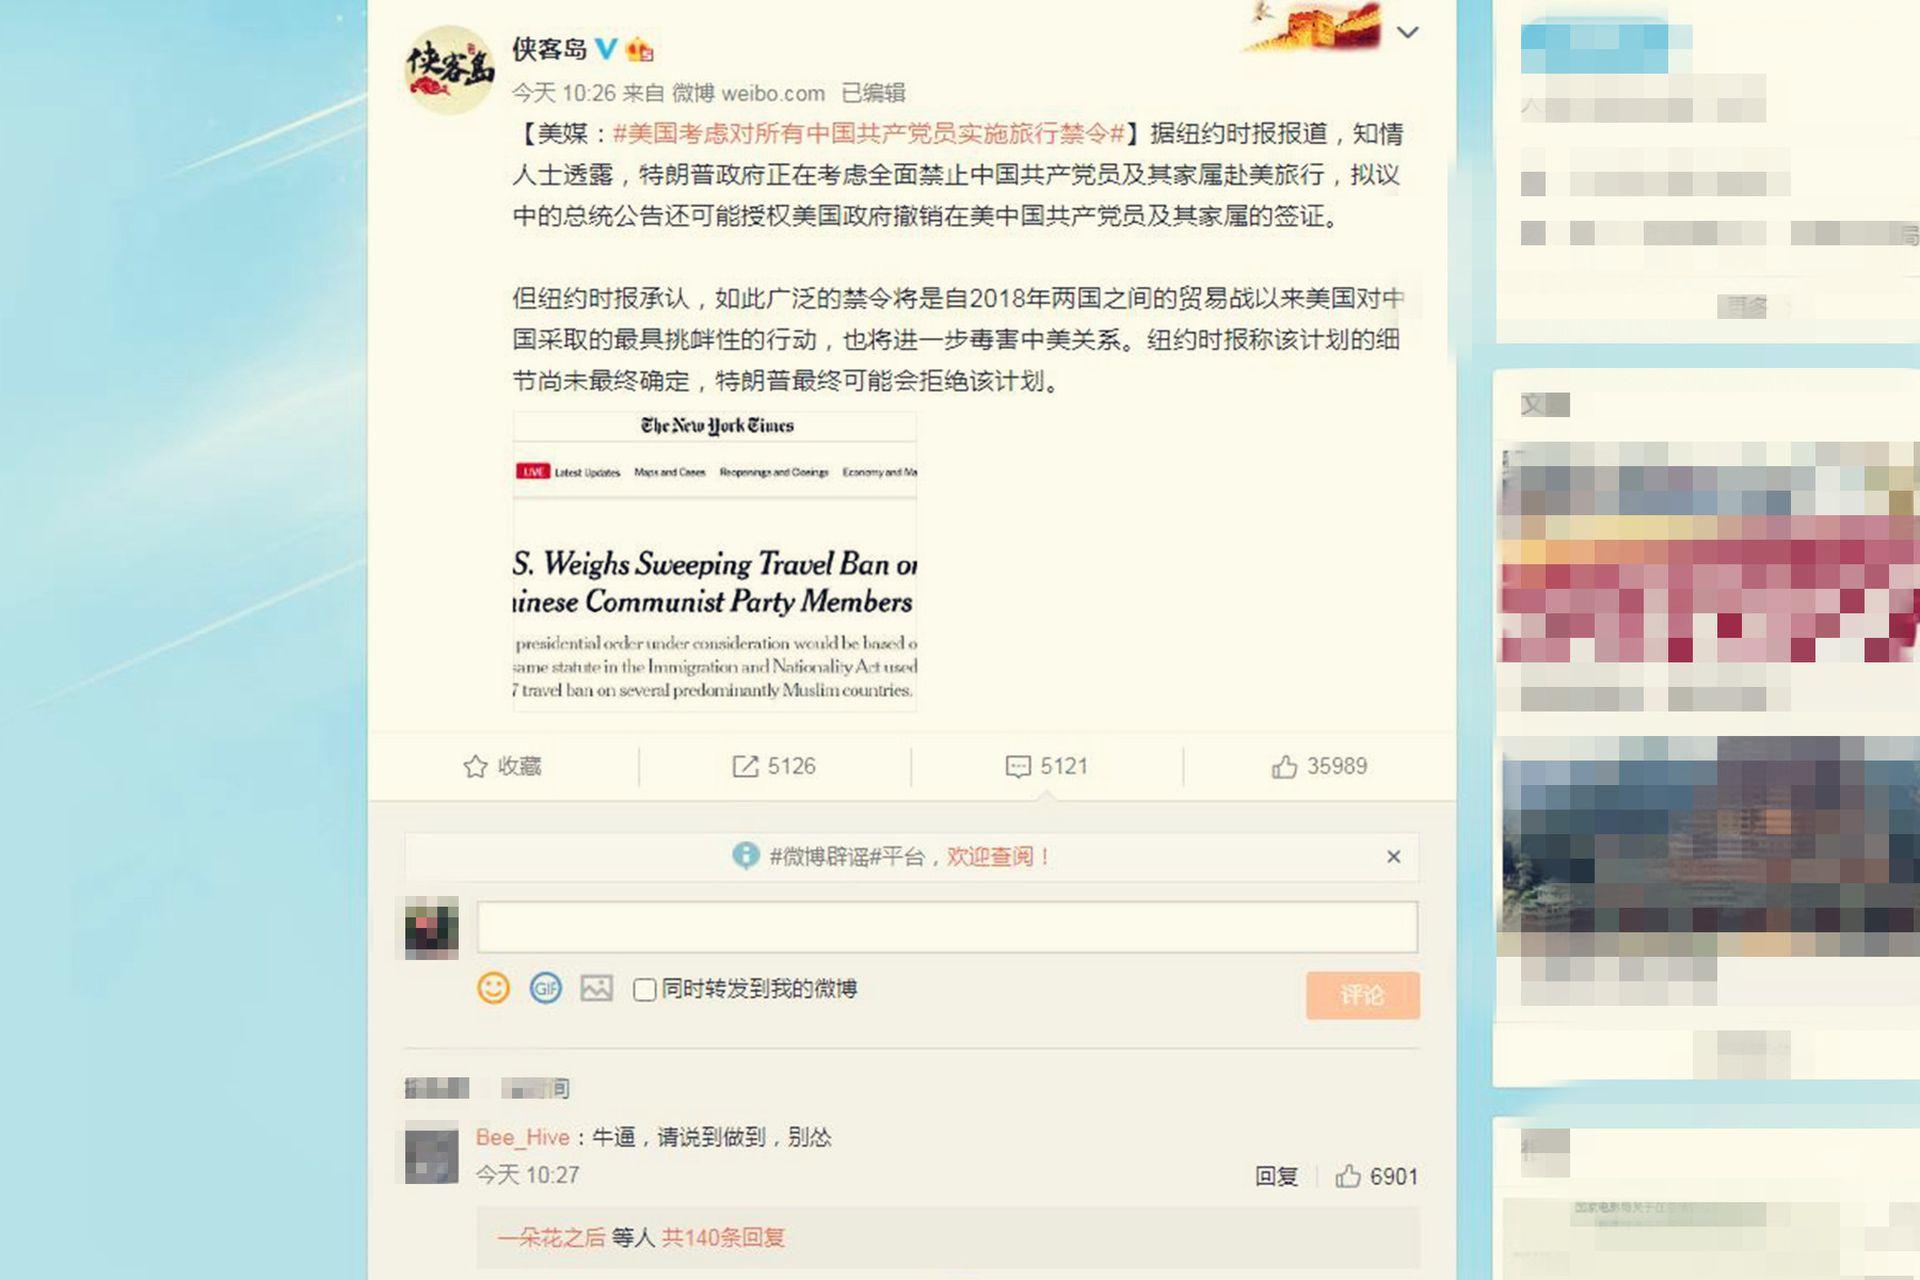 美国拟封杀中共党员 没想到中国民间舆论这反应…